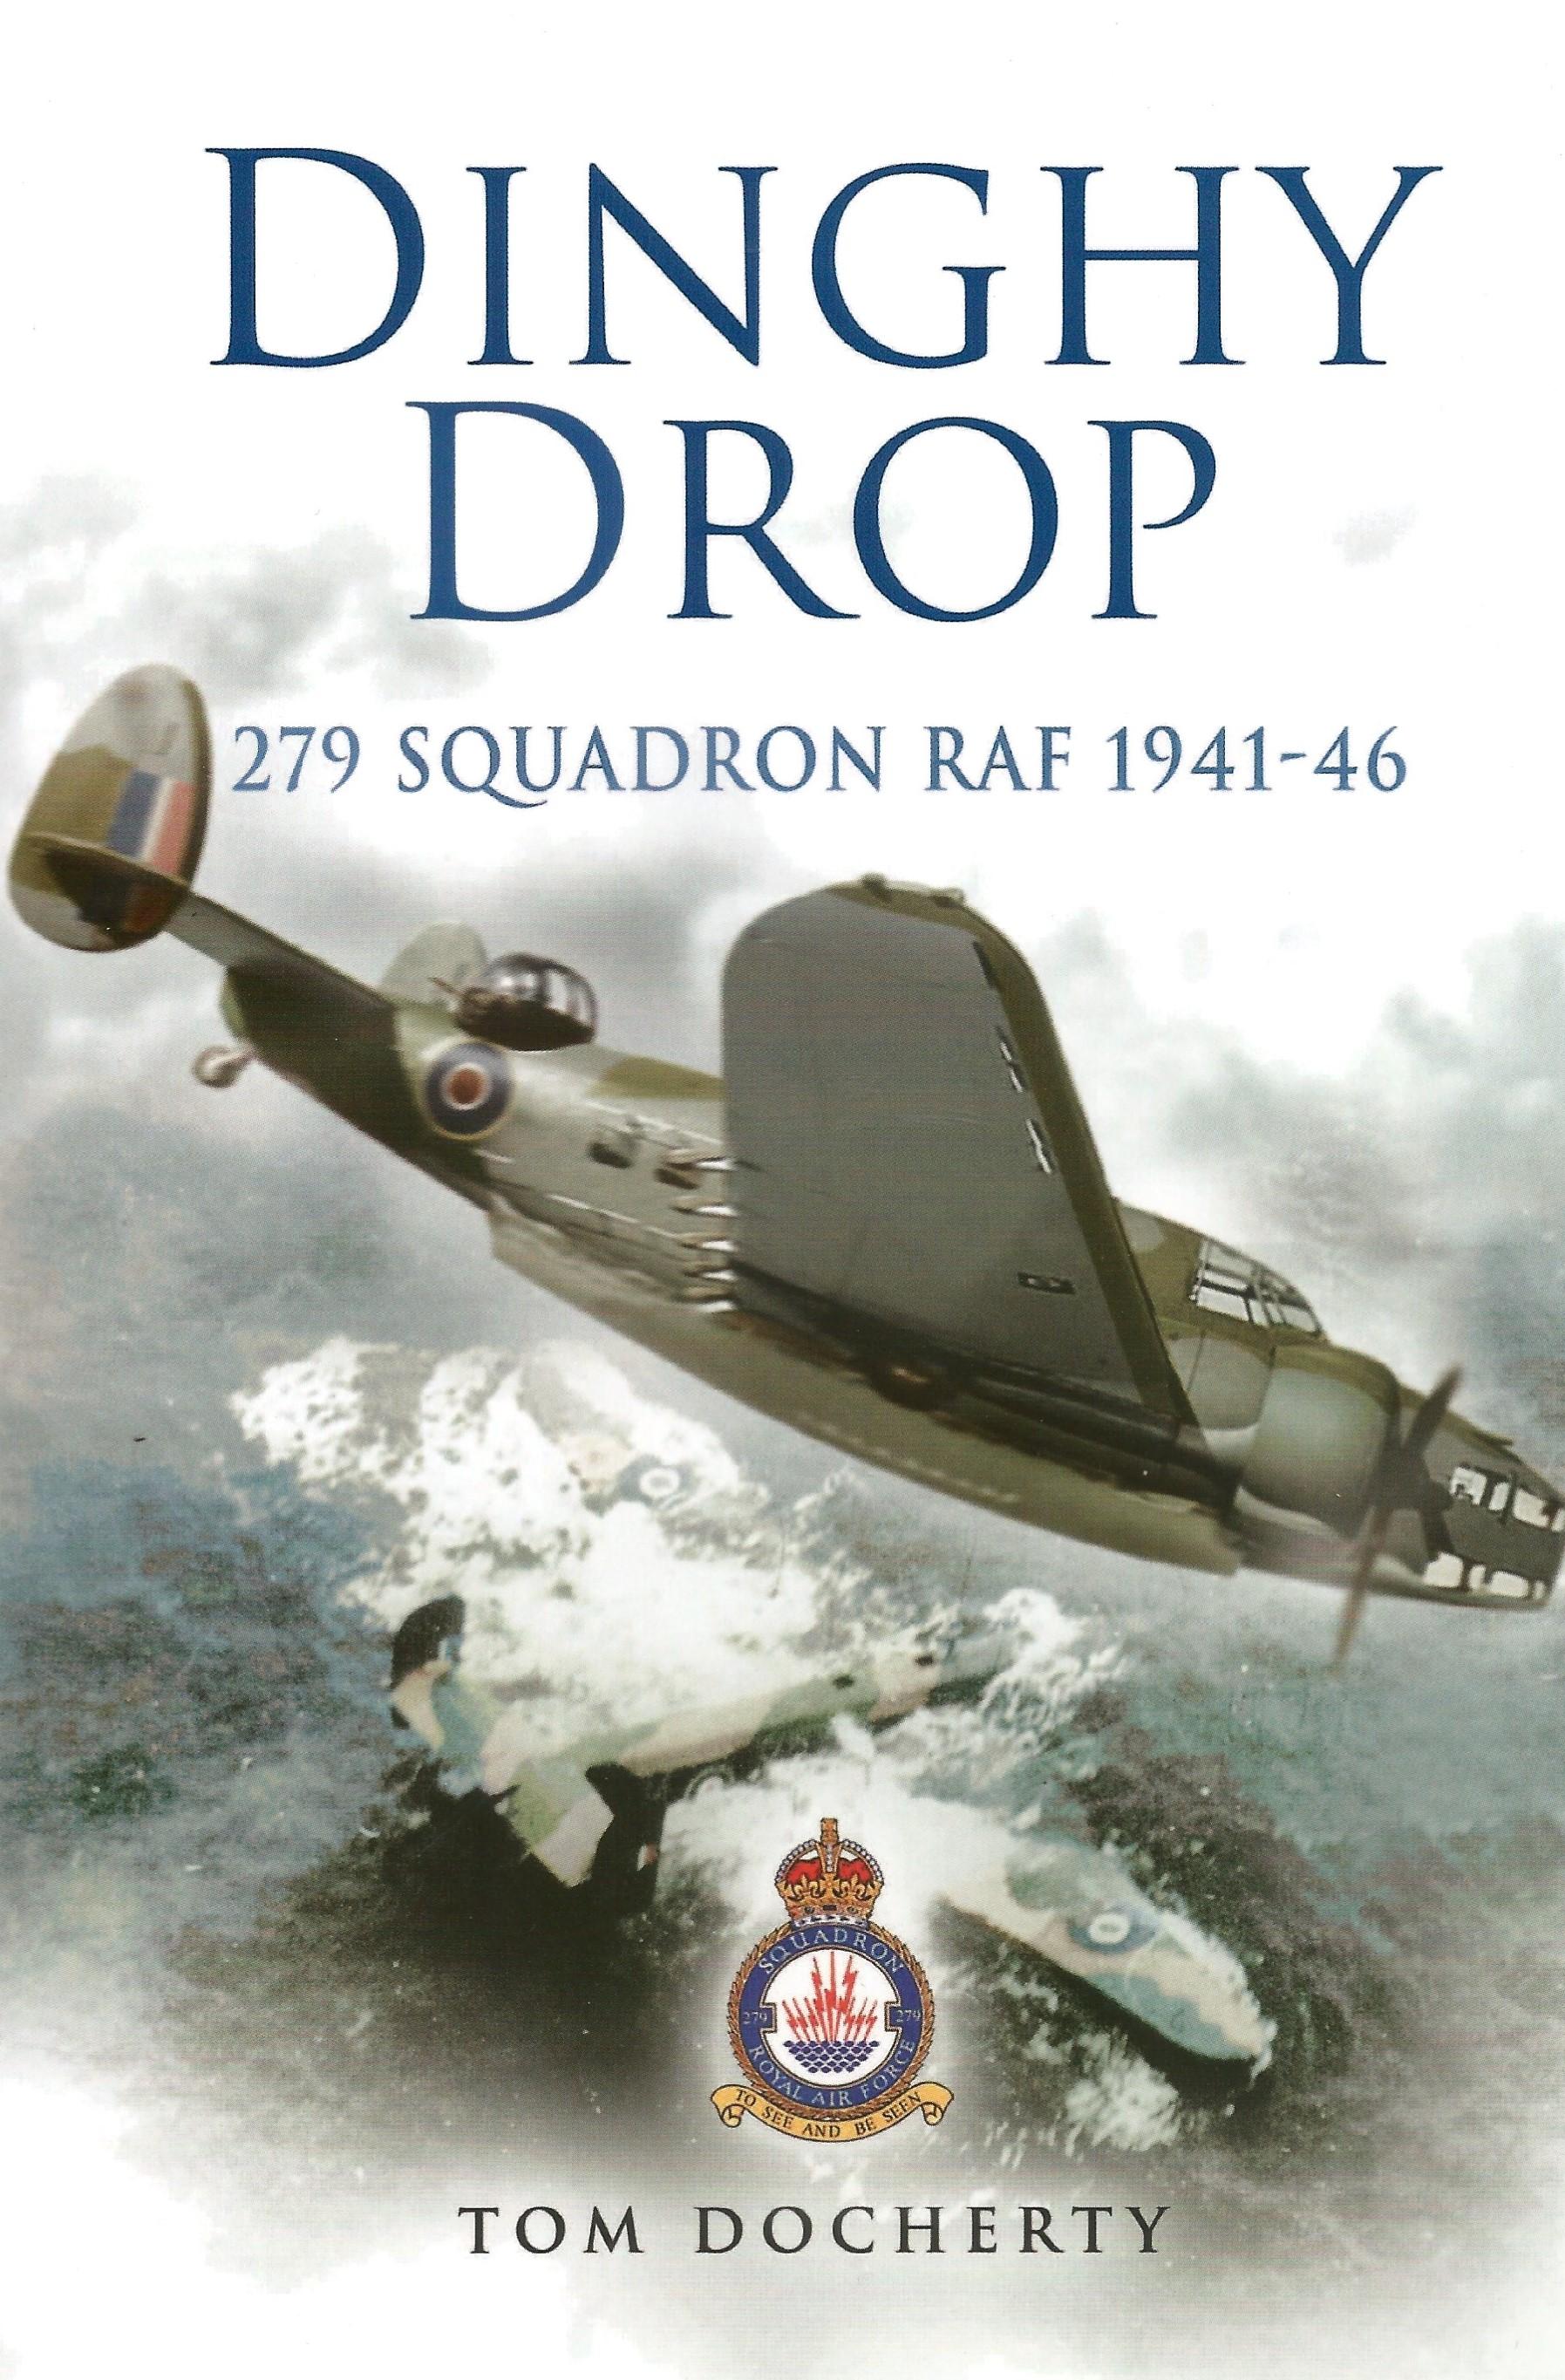 Tom Docherty. Dinghy Drop, 279 Squadron RAF 1941 46. a WW2 First edition hardback book in superb